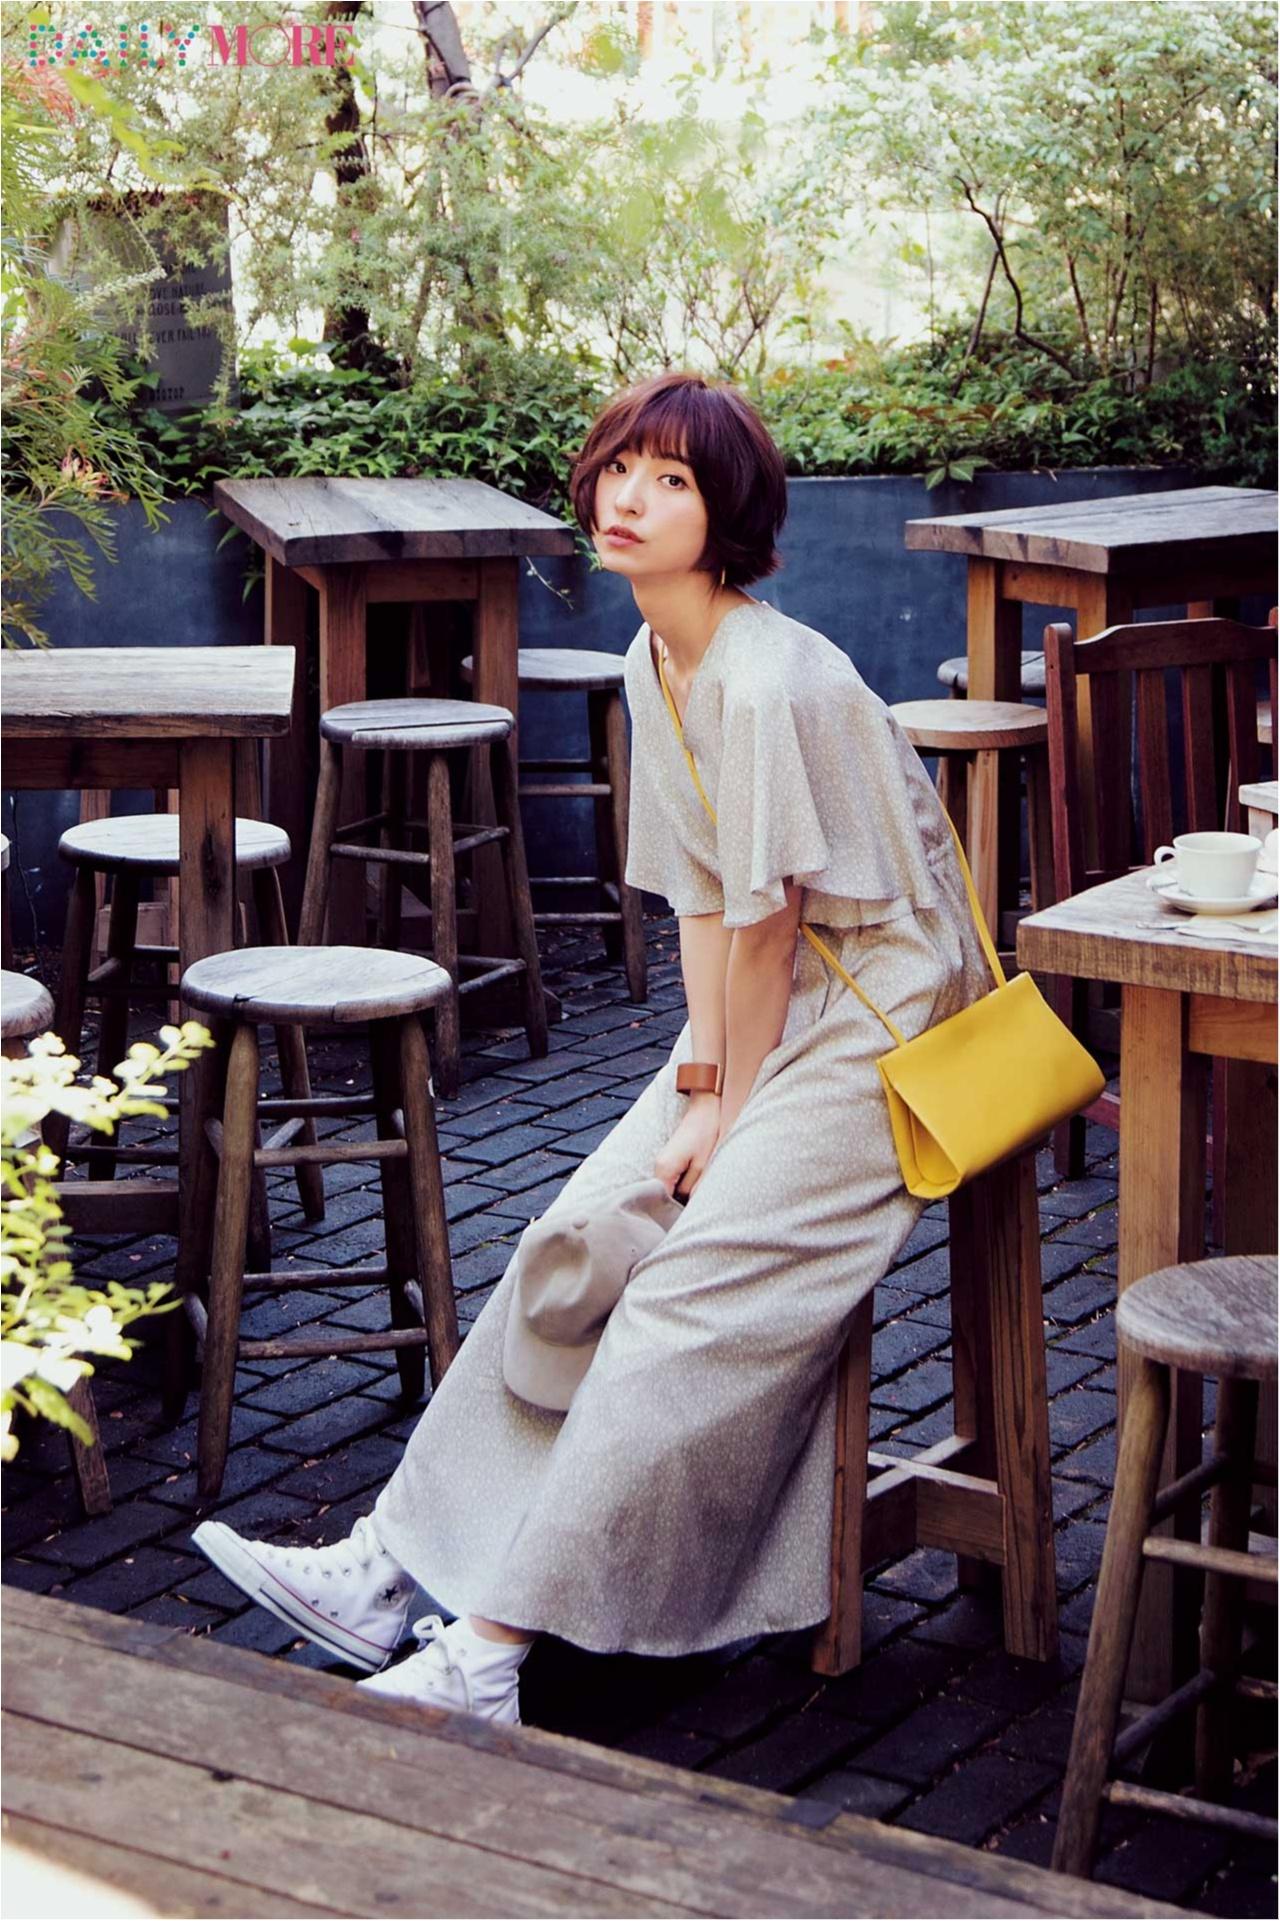 待ち合わせはテラス席。休日の麻里子はマキシワンピでおしゃれする~グリーンのテラス編~_1